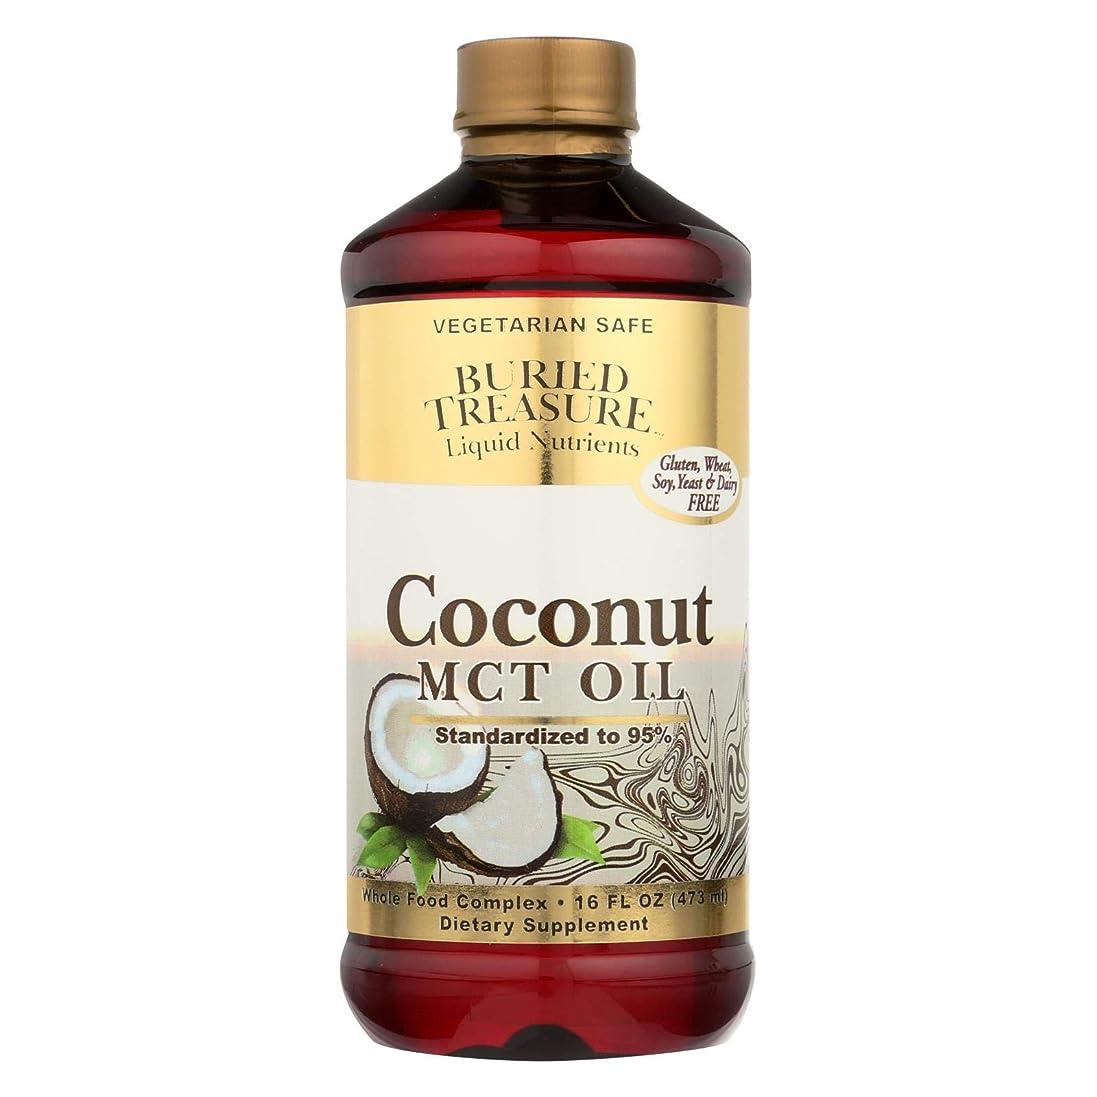 アミューズメント浮浪者インストール海外直送品Coconut Oil MCT, 16 oz by Buried Treasure